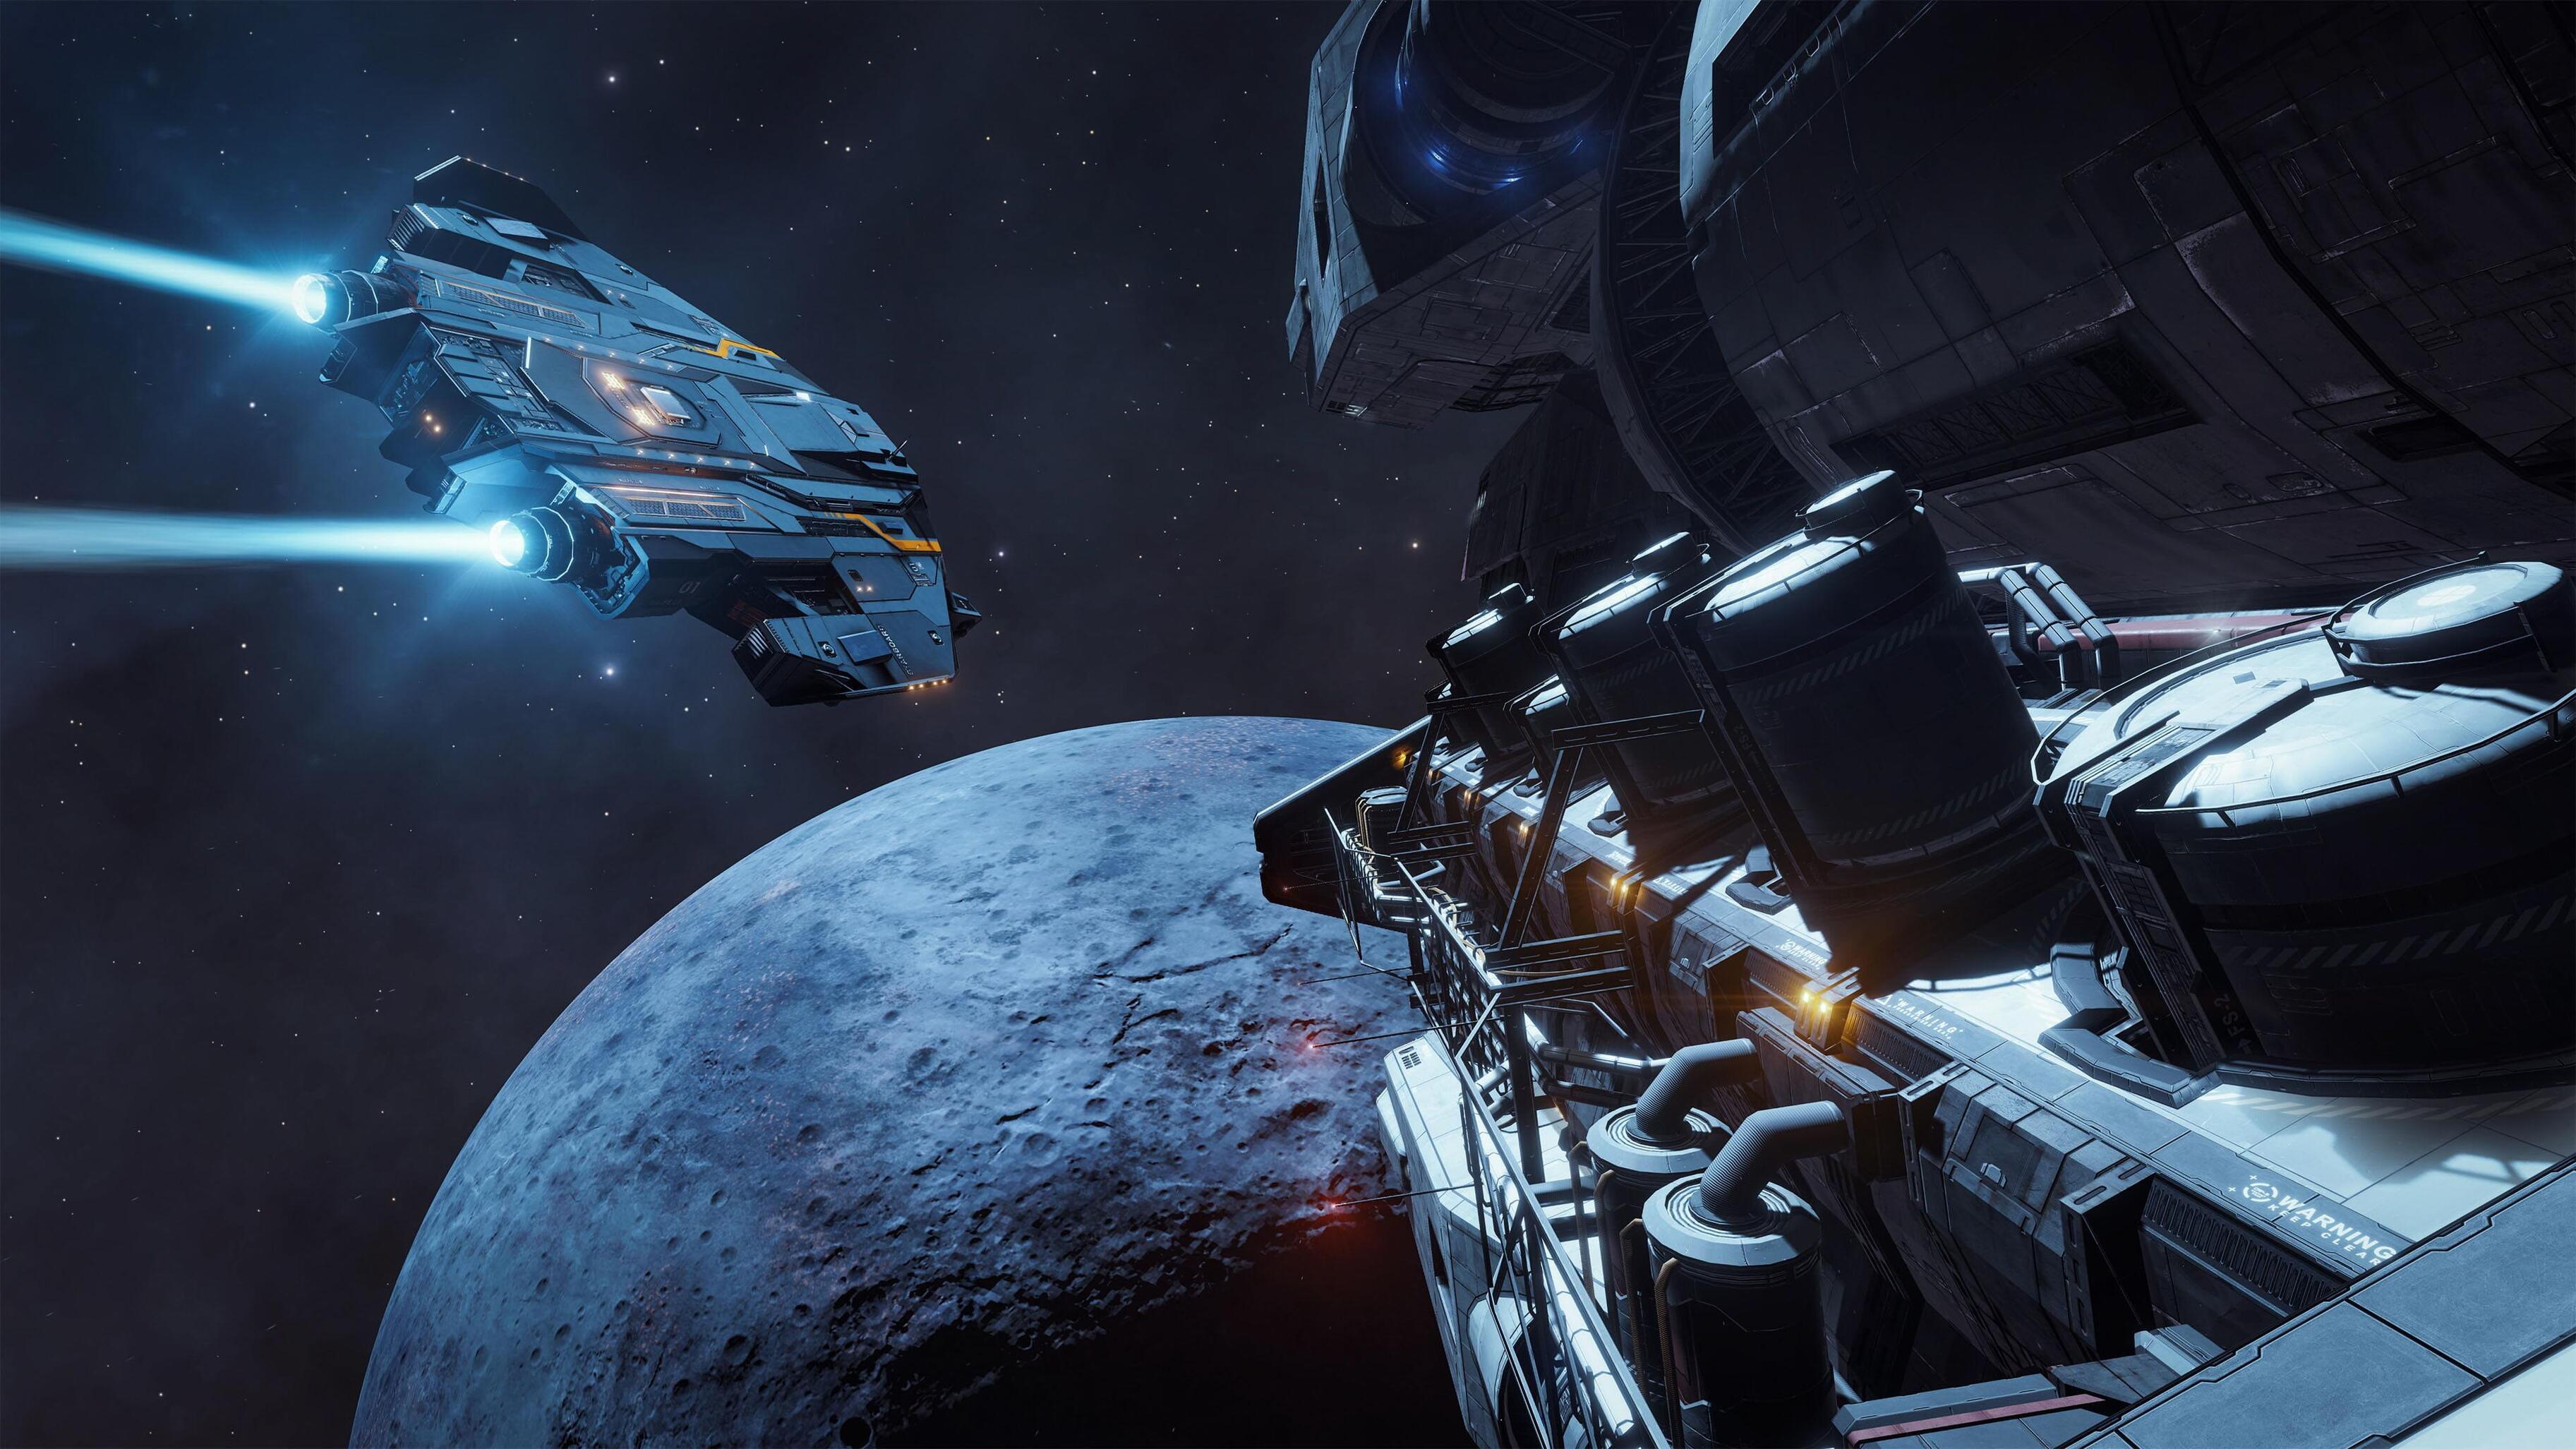 Многопользовательский космический симулятор Elite Dangerous раздают бесплатно и навсегда